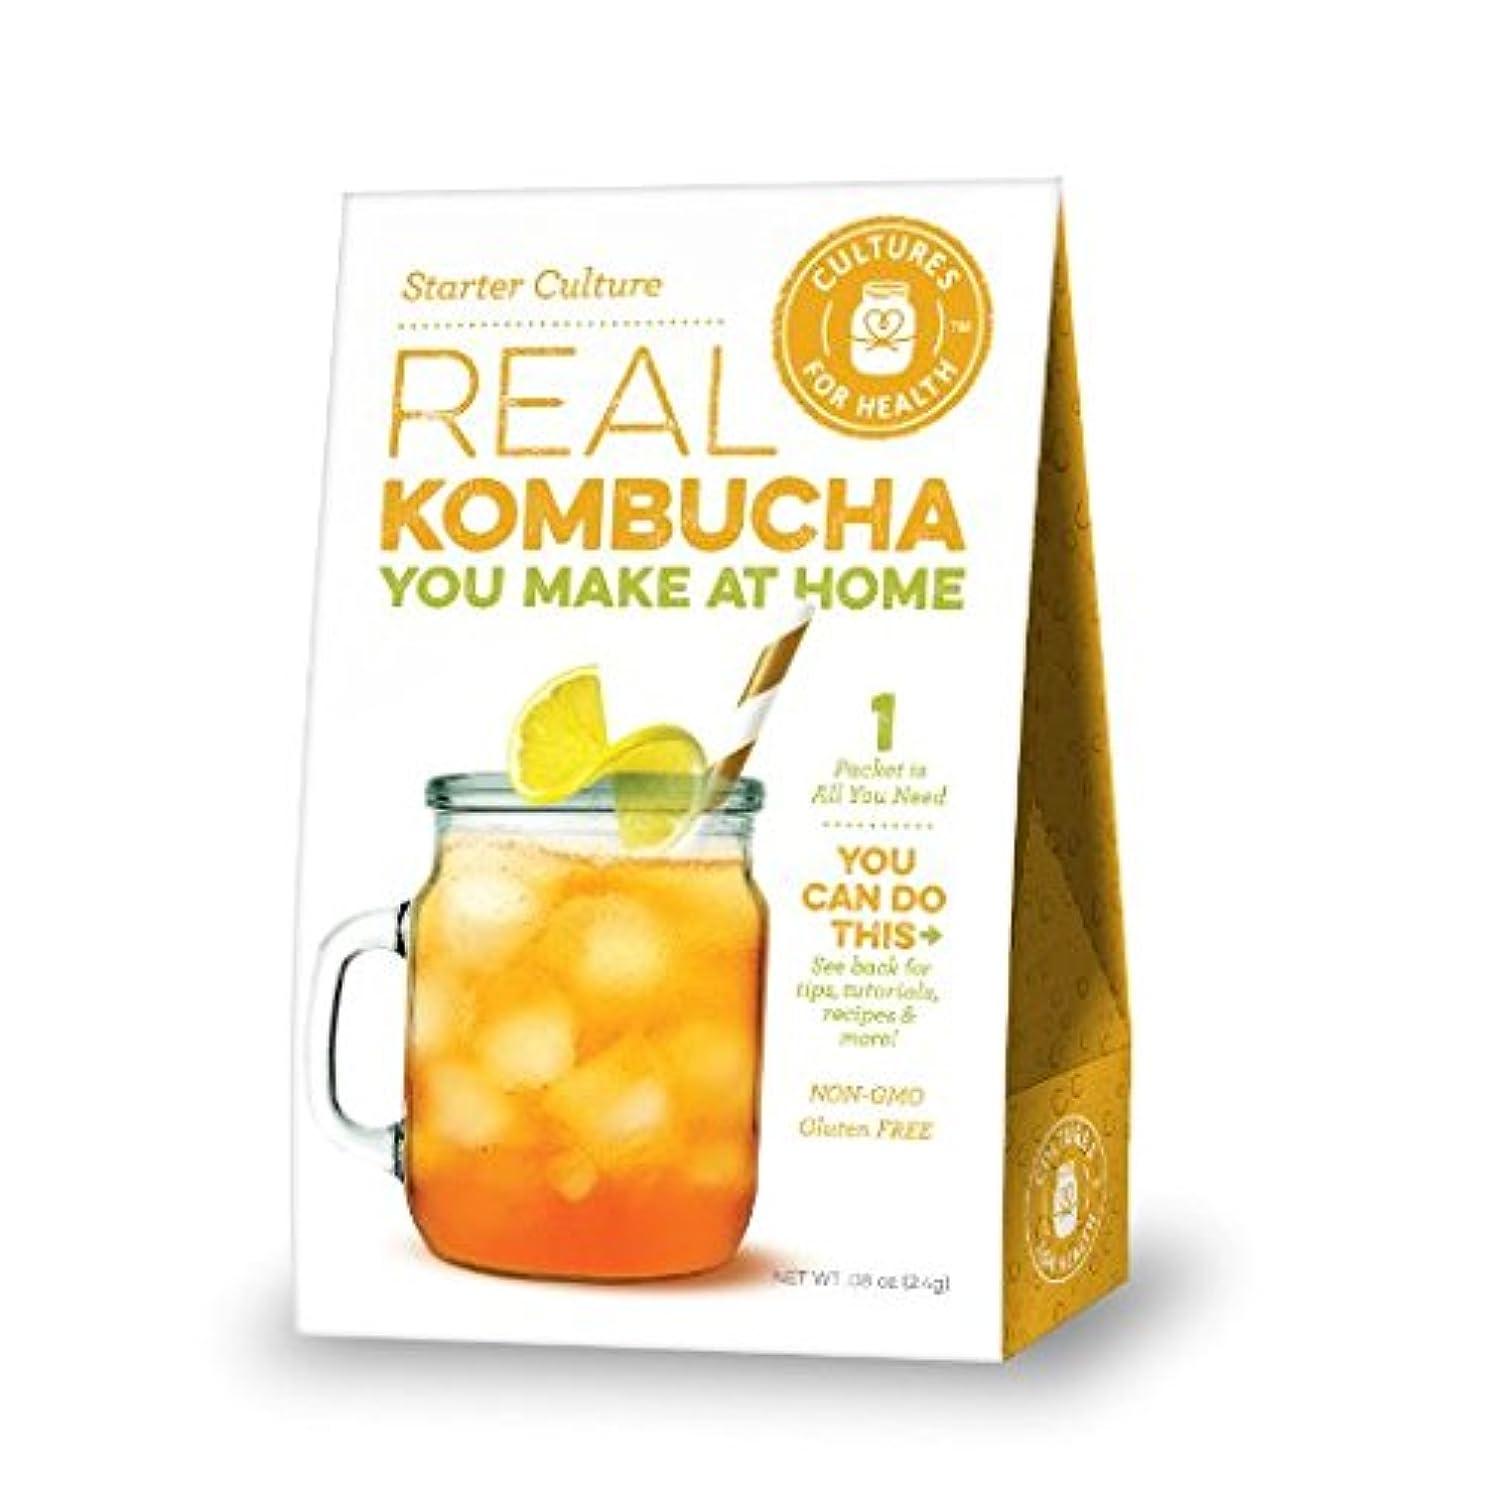 パステル価値落ち着かない日本でも大ヒットのKombucha 紅茶キノコダイエット 日本非売品を並行輸入(海外直送品) (紅茶キノコをお家で培養(菌の販売) [並行輸入品]